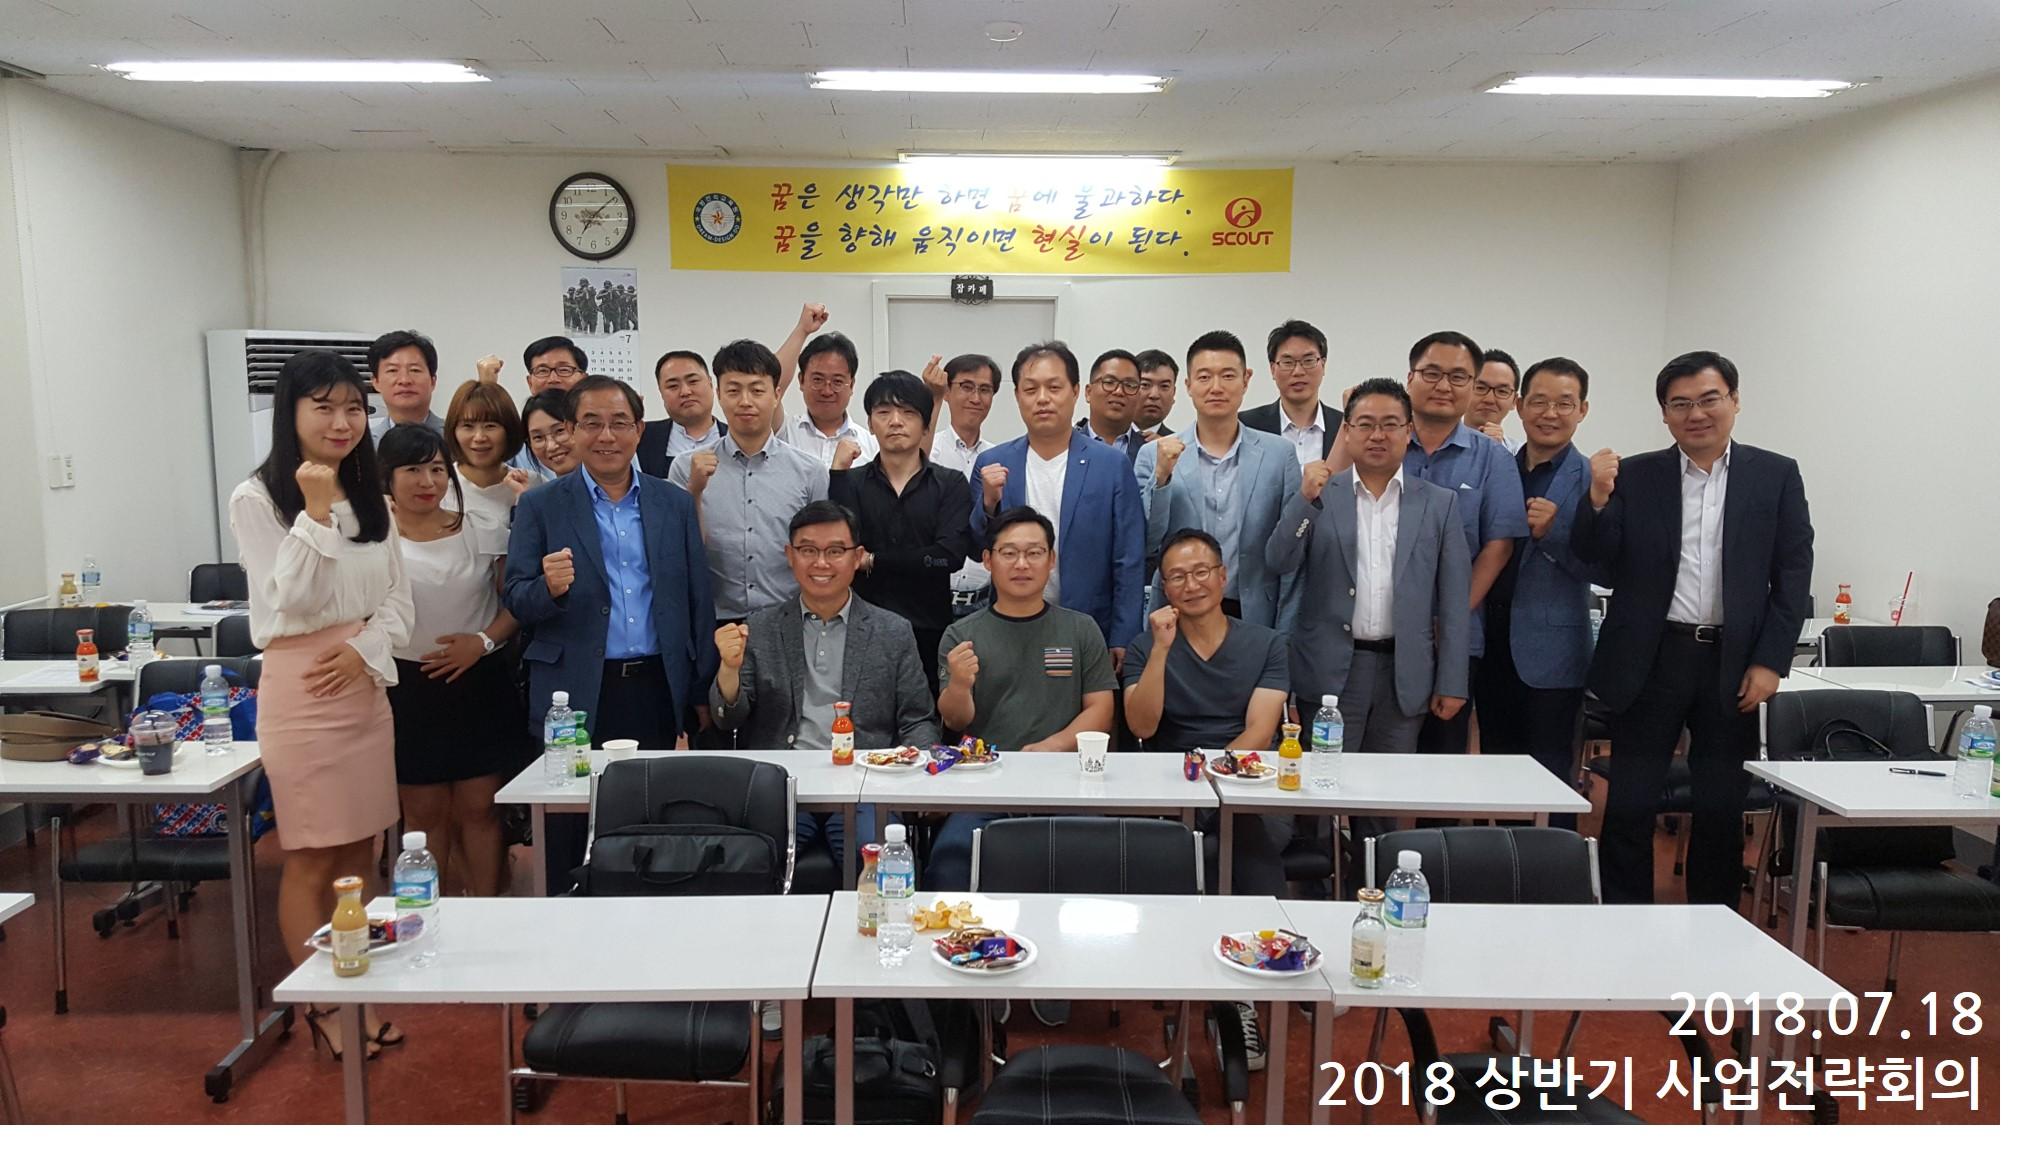 [2018.07.18] 2018년 상반기 사업전략회의